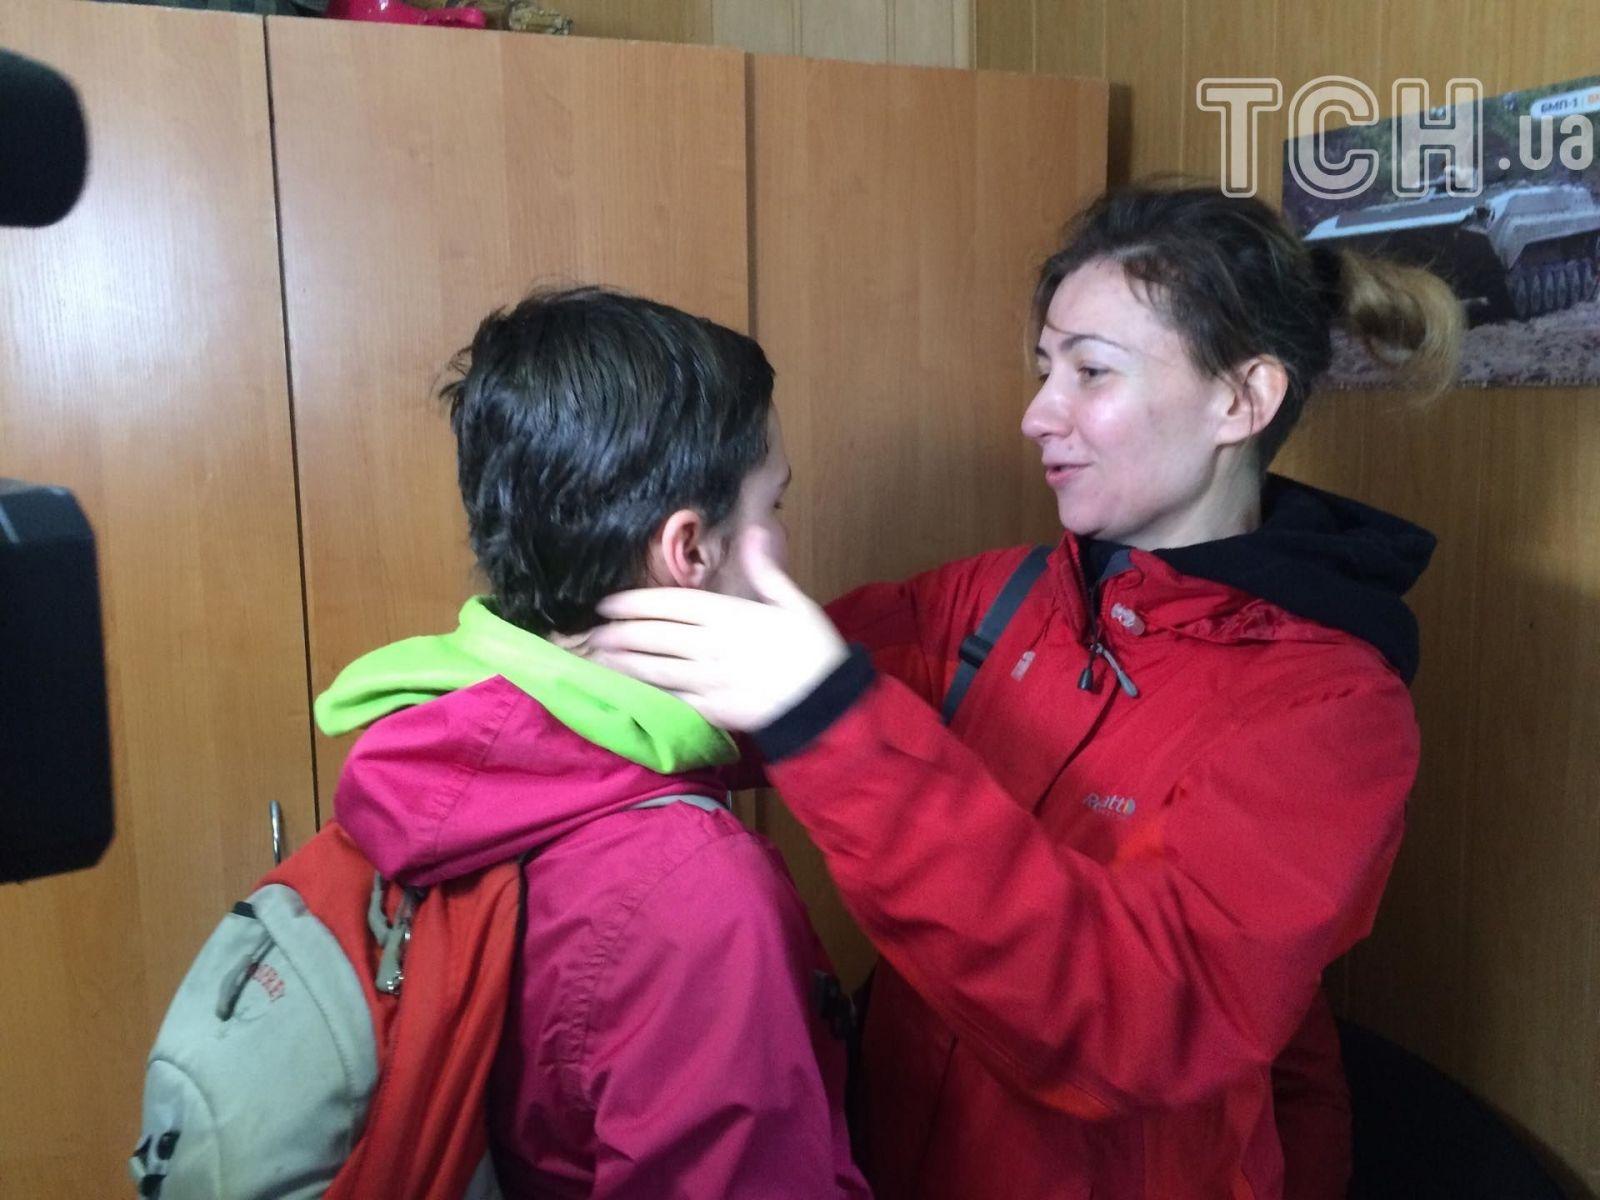 Дівчата-мандрівниці, яких три доби шукали в Києві, знайшлися